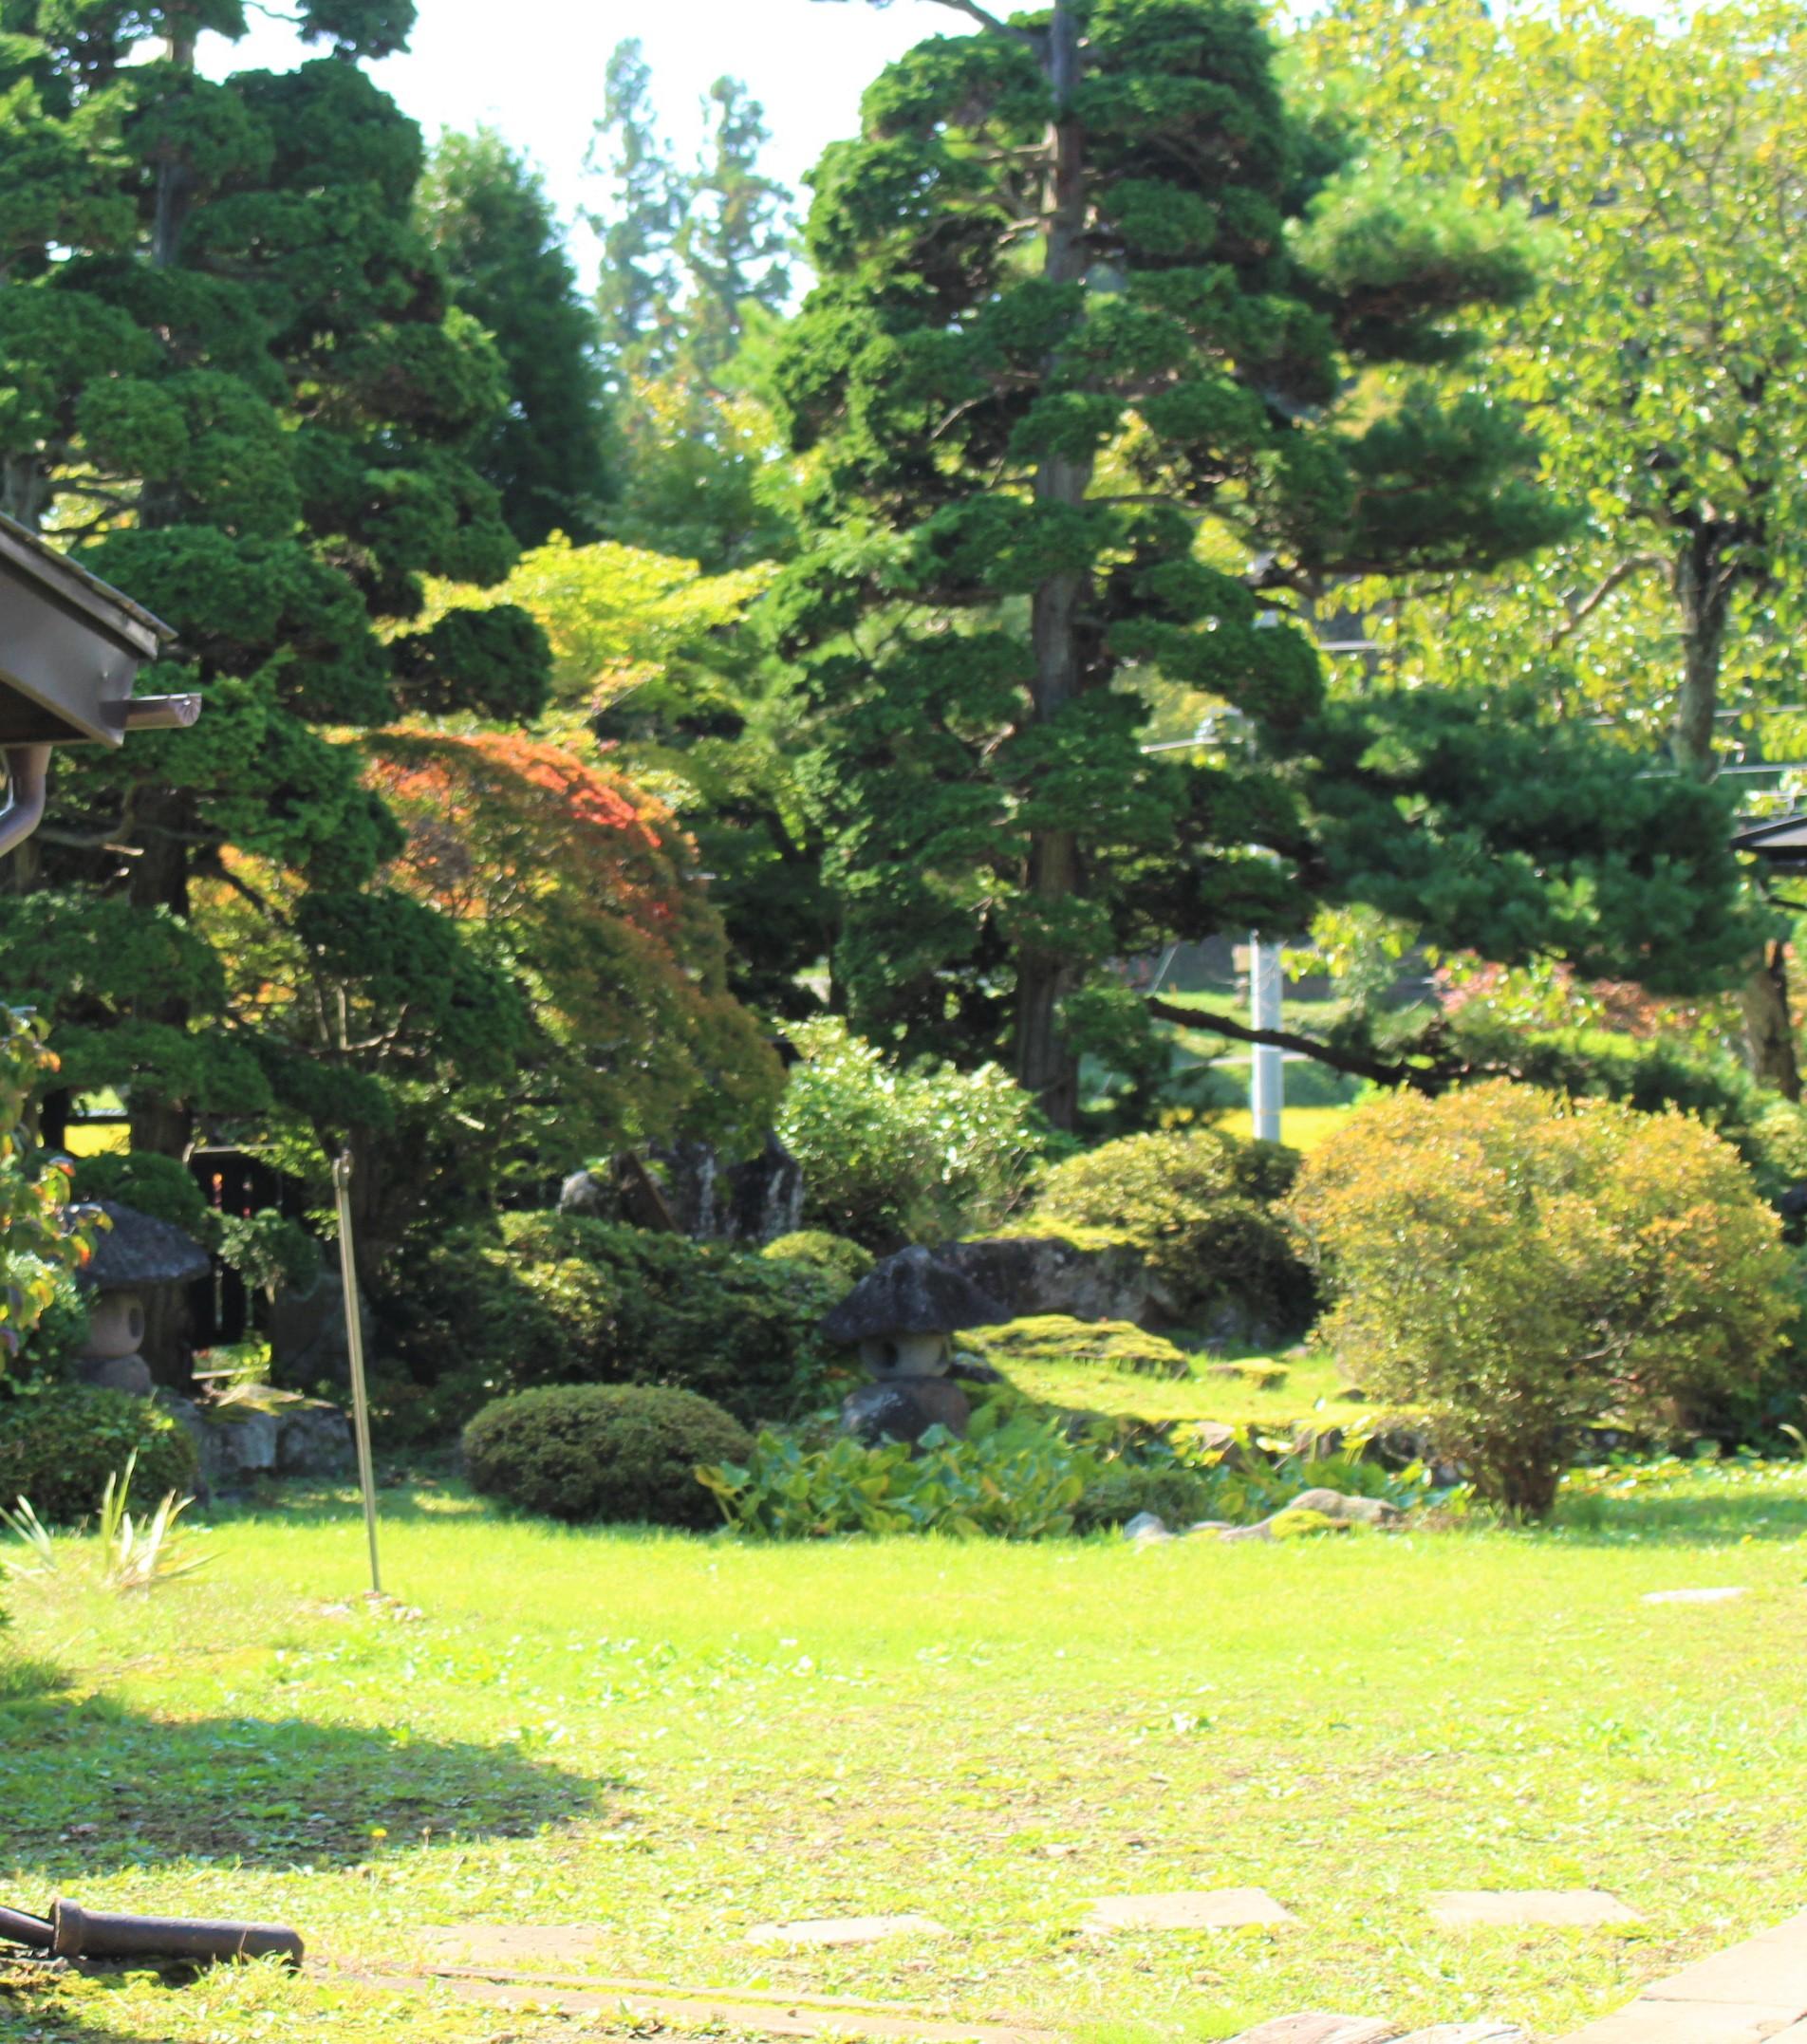 13 加賀藩小玉小休所(かがはんこだましょうきゅうじょ)